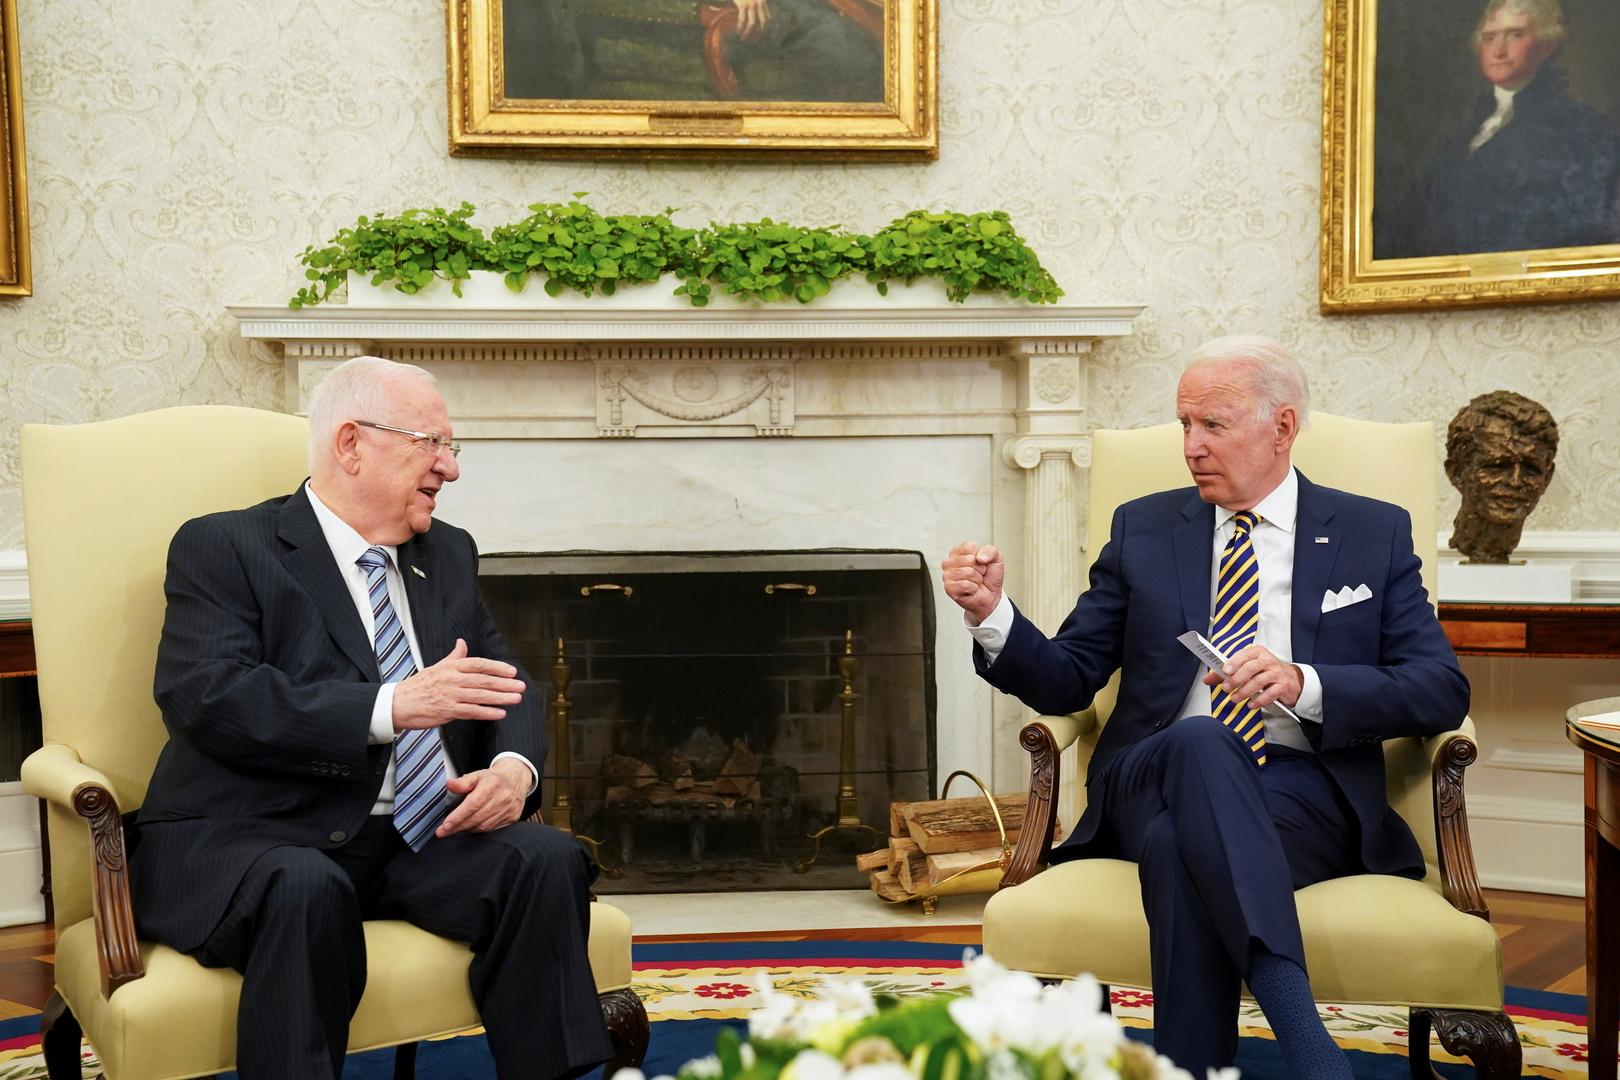 ريفلين يعبر عن ارتياحه لتصريحات بايدن بشأن إيران